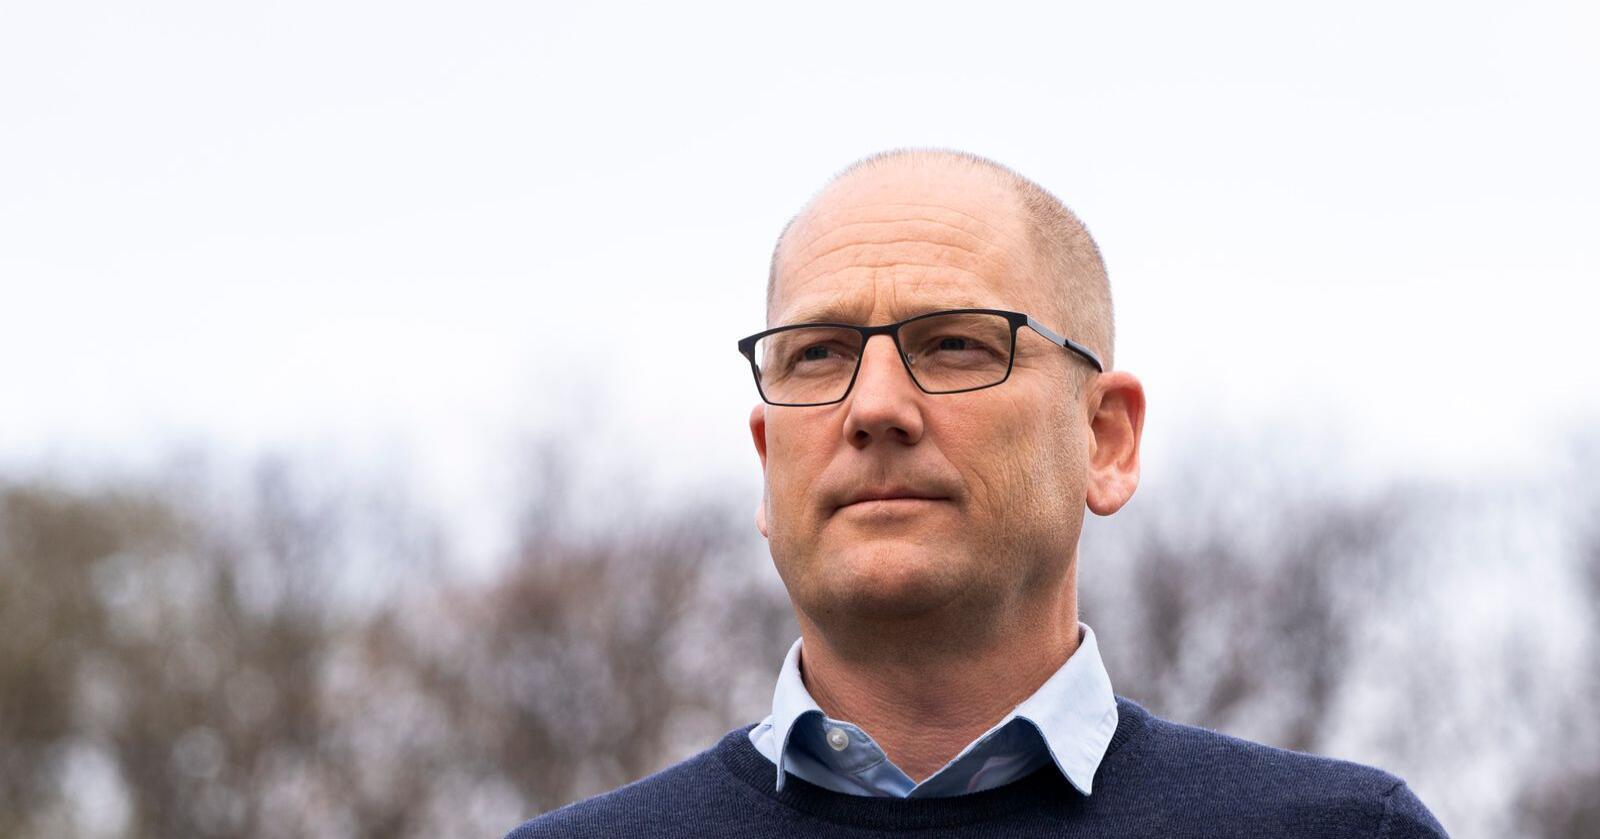 Tilbudet fra KS var ikke godt nok, slår Unios forhandlingsleder Steffen Handal, som blant annet representerer lærere og sykepleiere, fast. Fredag ble lønnsforhandlingene for kommunesektoren brutt. Foto: Terje Pedersen / NTB